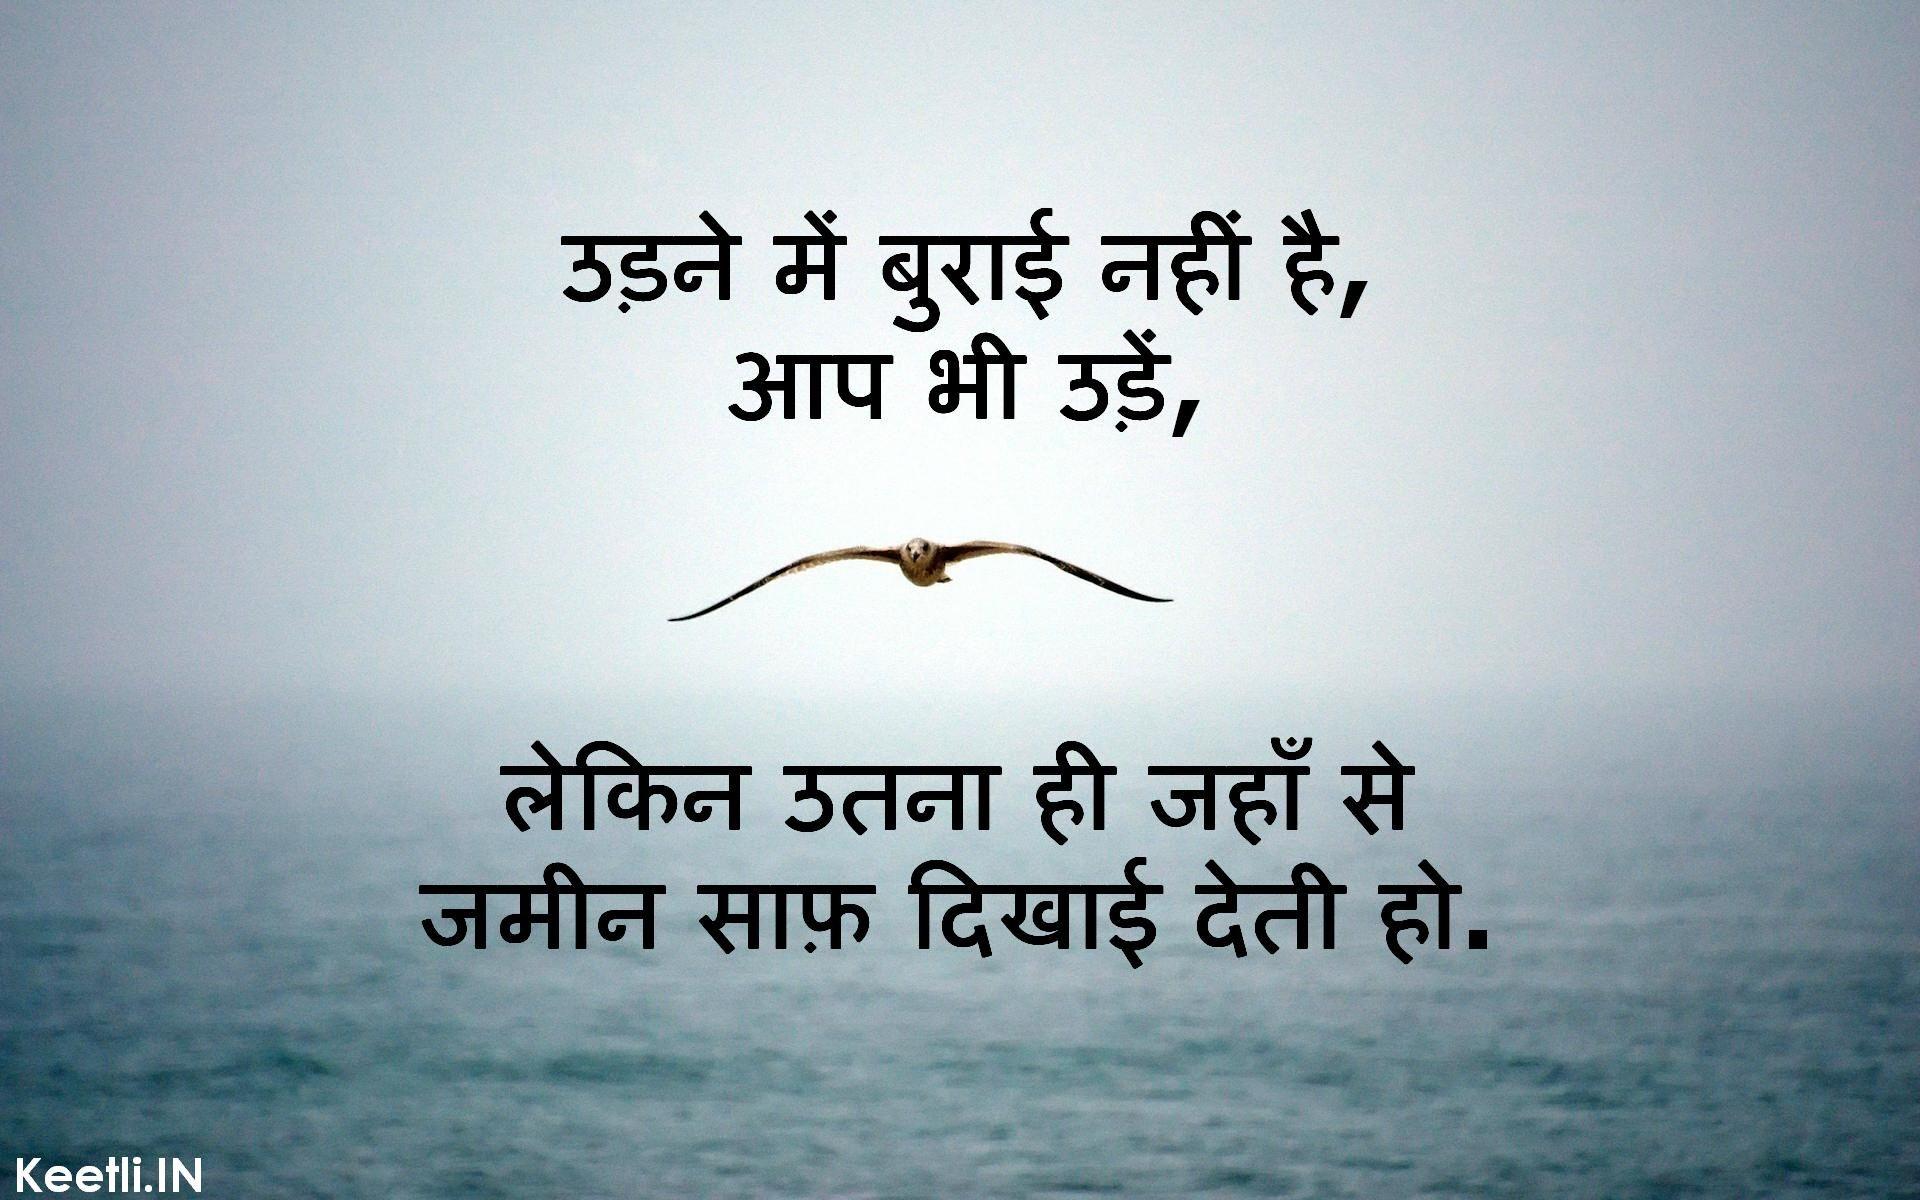 Kissing Hindi. kello.